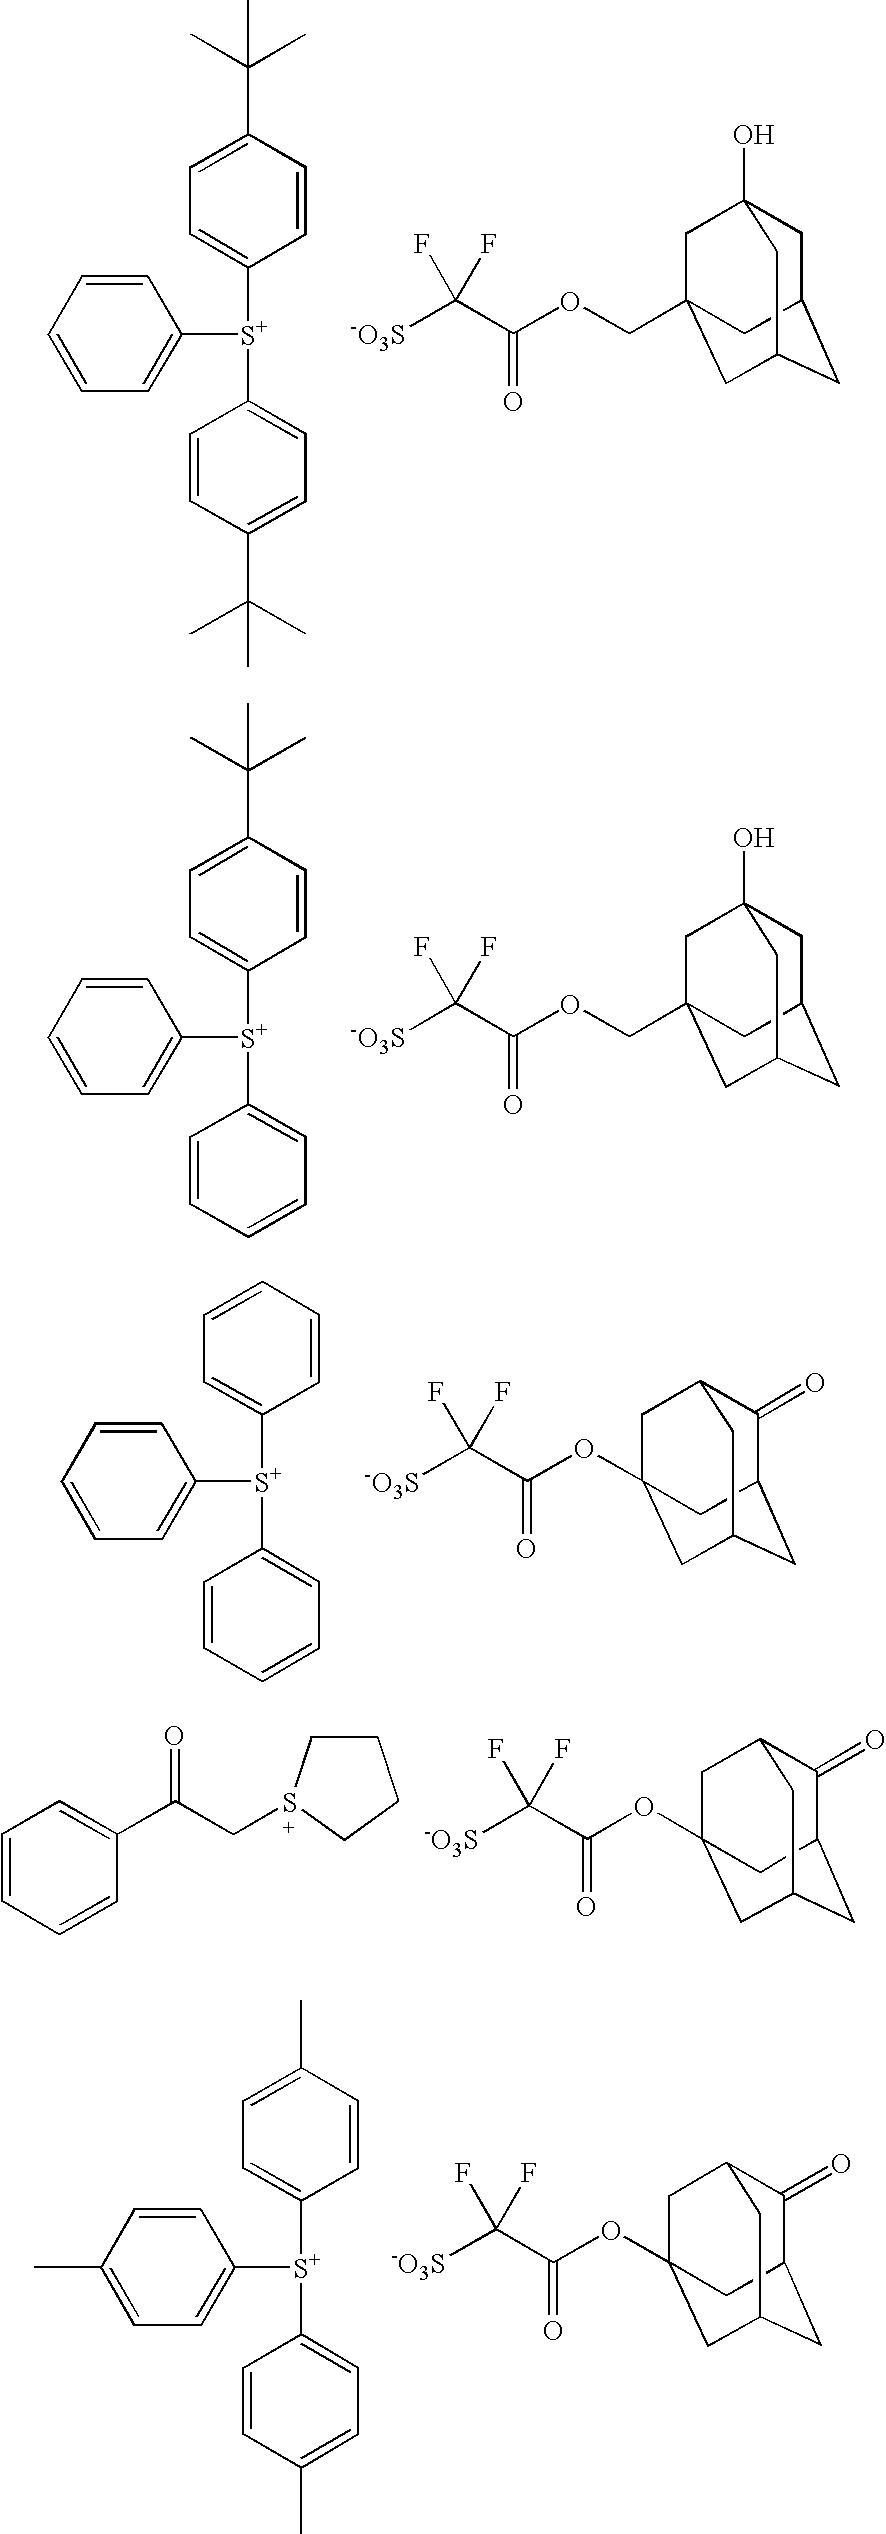 Figure US20100323296A1-20101223-C00149